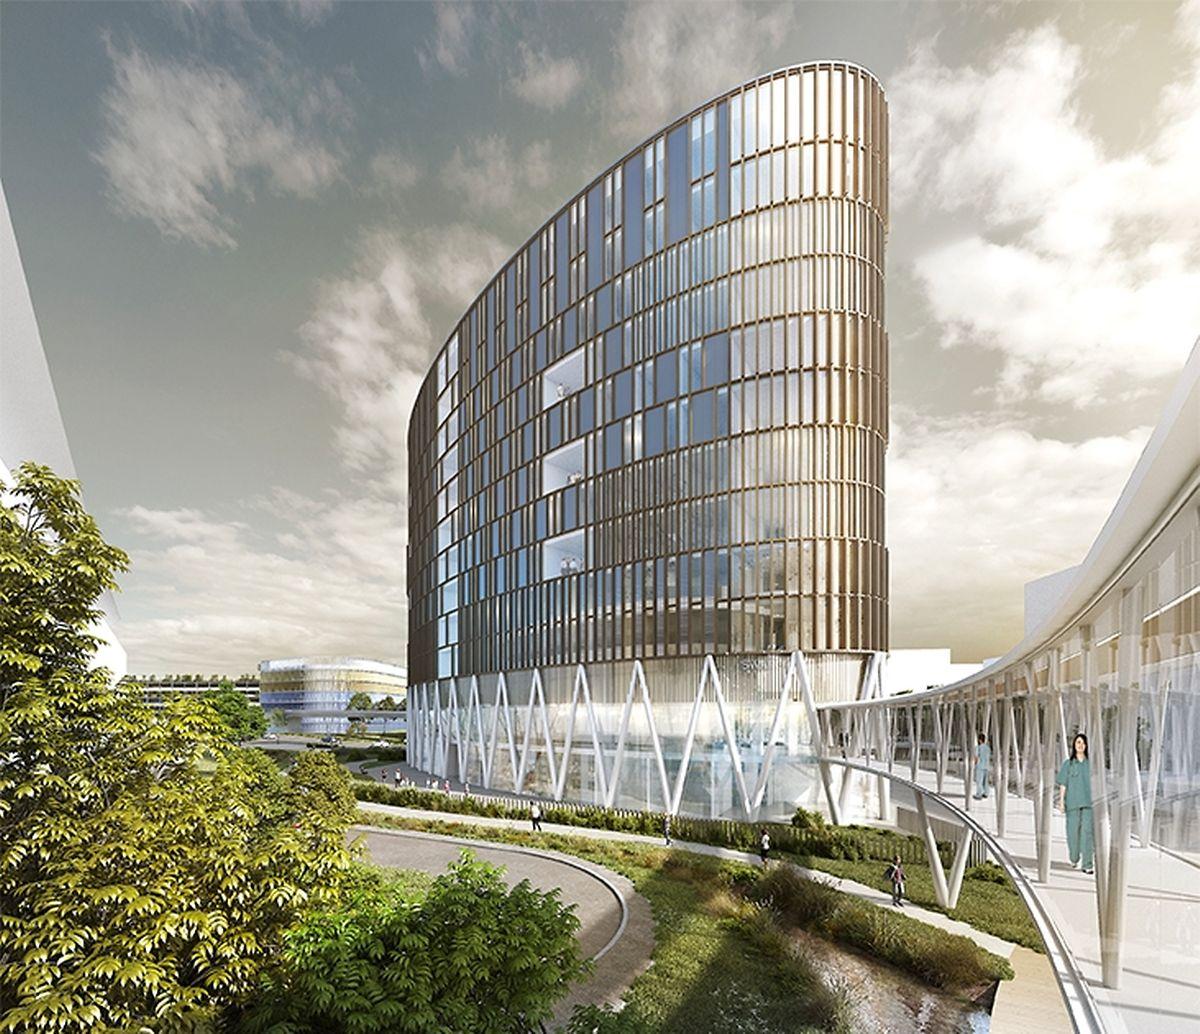 Das neue Ärztehaus das neben dem Südspidol entsteht.